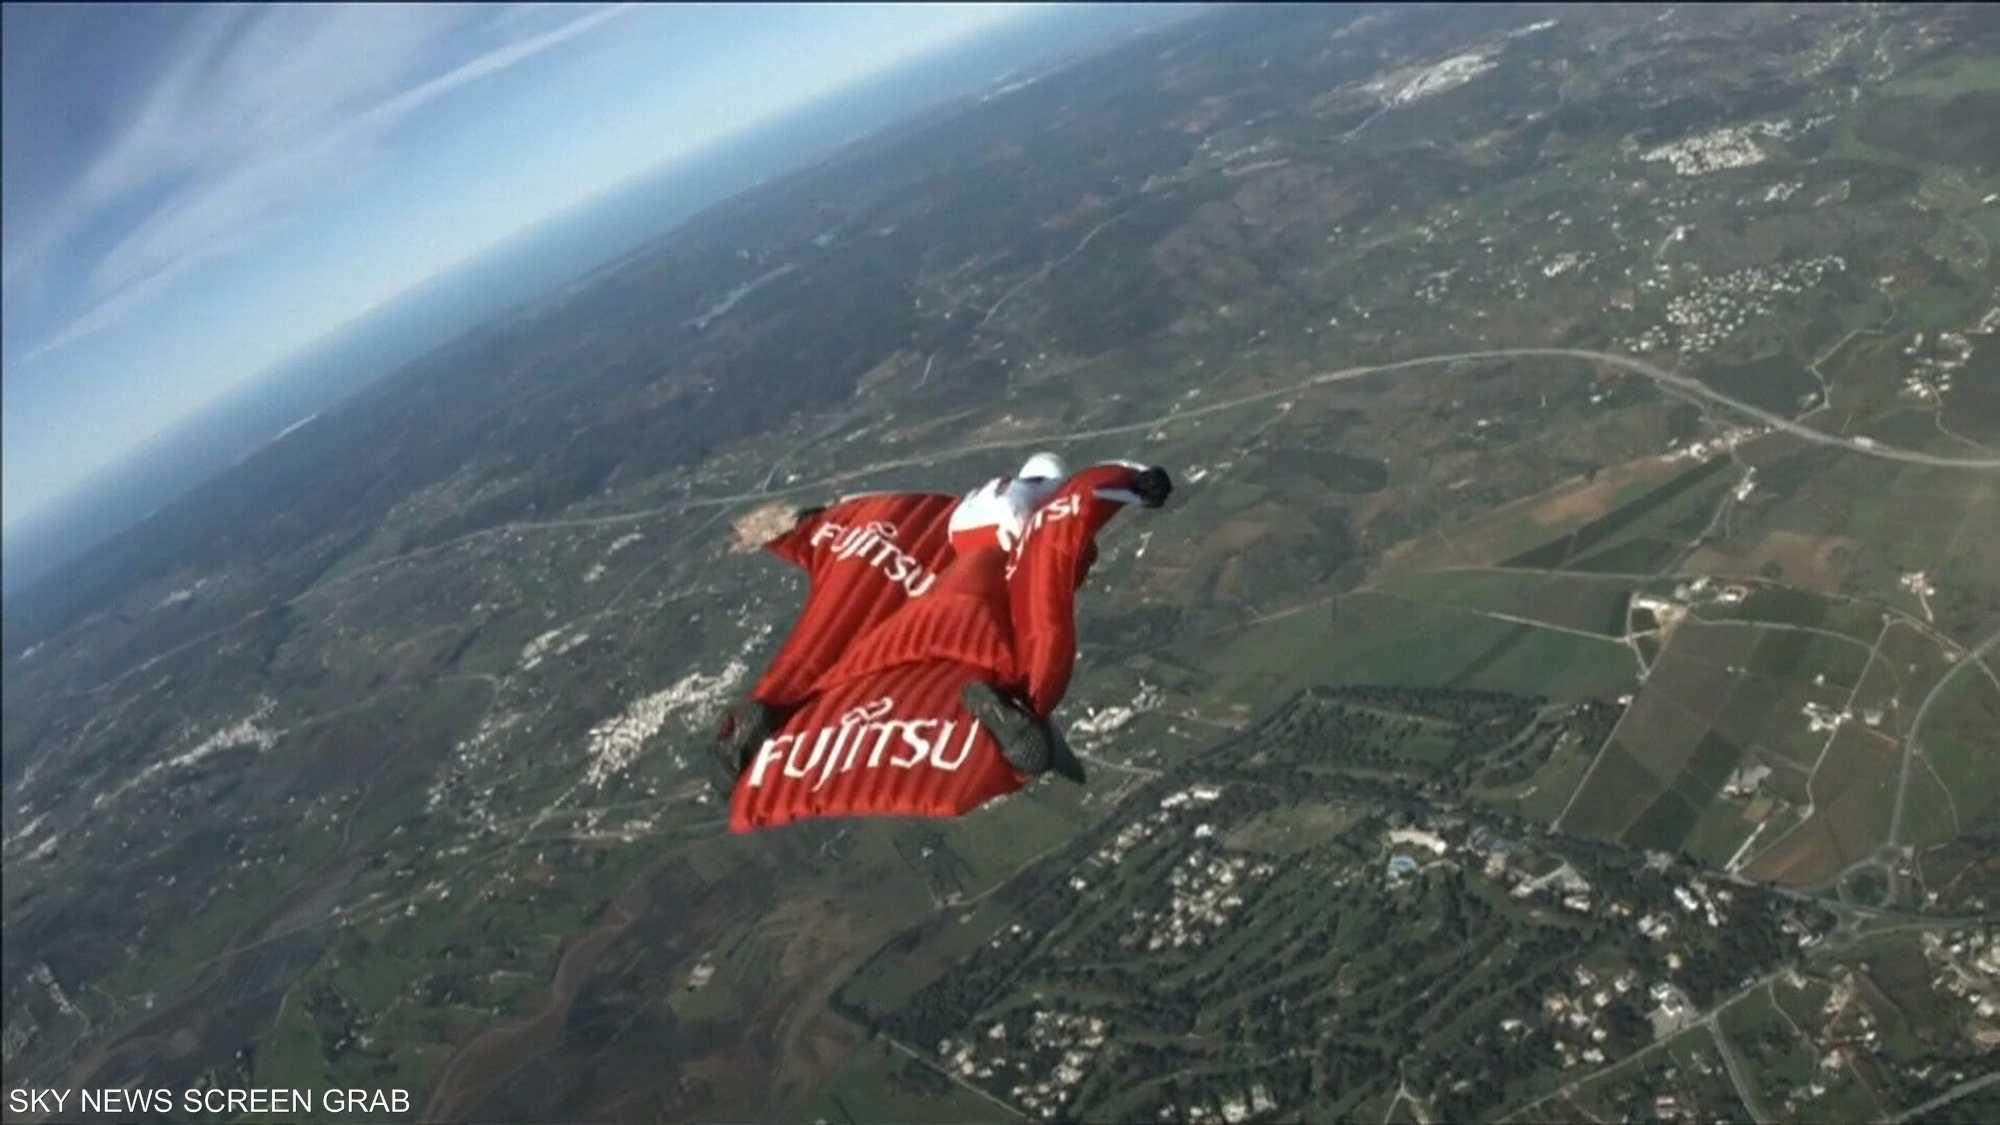 الطيران المجنح.. يحقق حلم الإنسان في الطيران